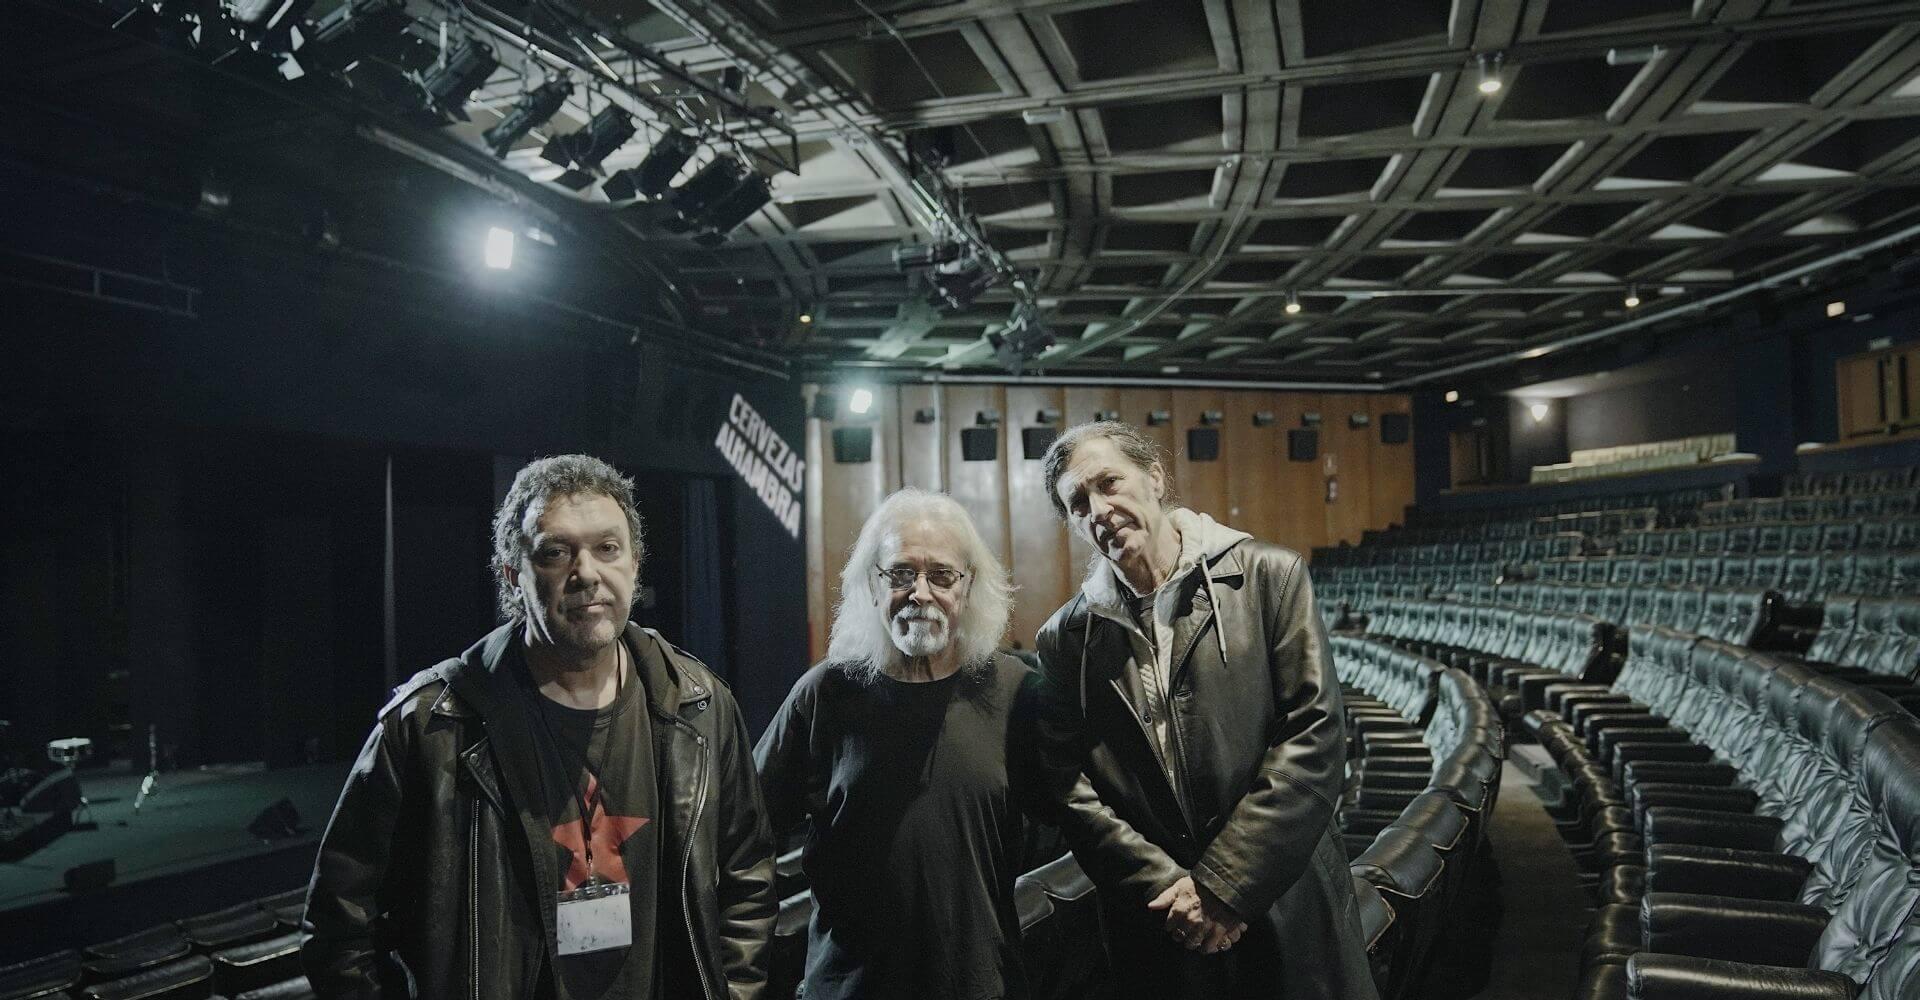 Jorge Pardo, Carles Benavent y Tino Di Geraldo, el eterno trío del jazz flamenco español